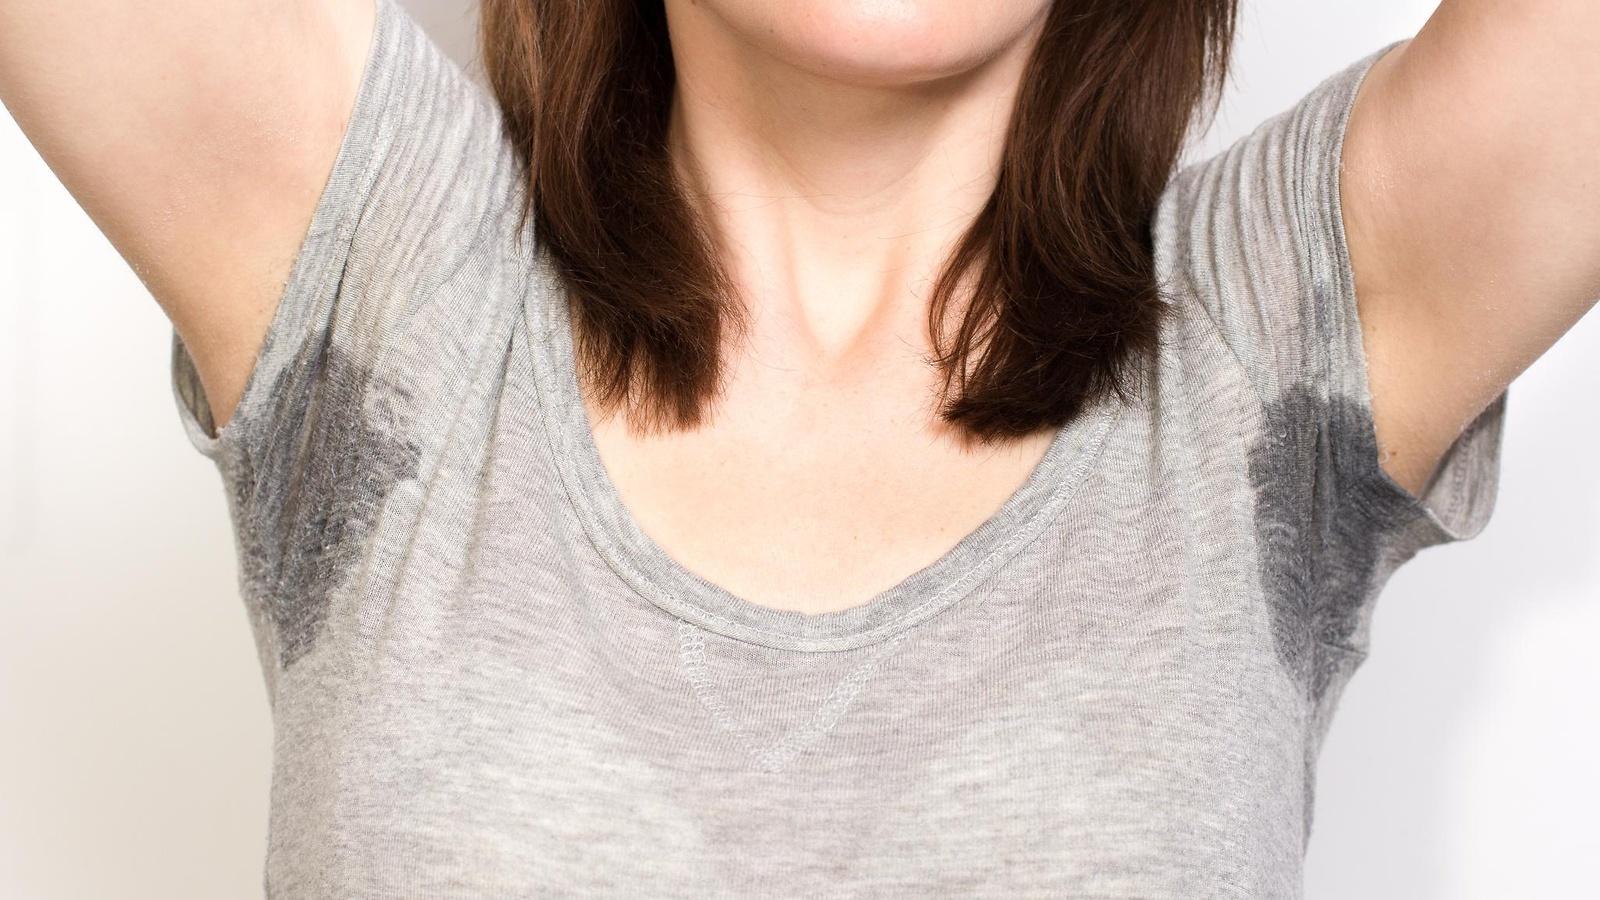 Moyen naturel simple et efficace pour éviter les sueurs embarrassantes  - Moyen naturel, simple et efficace pour éviter les sueurs embarrassantes